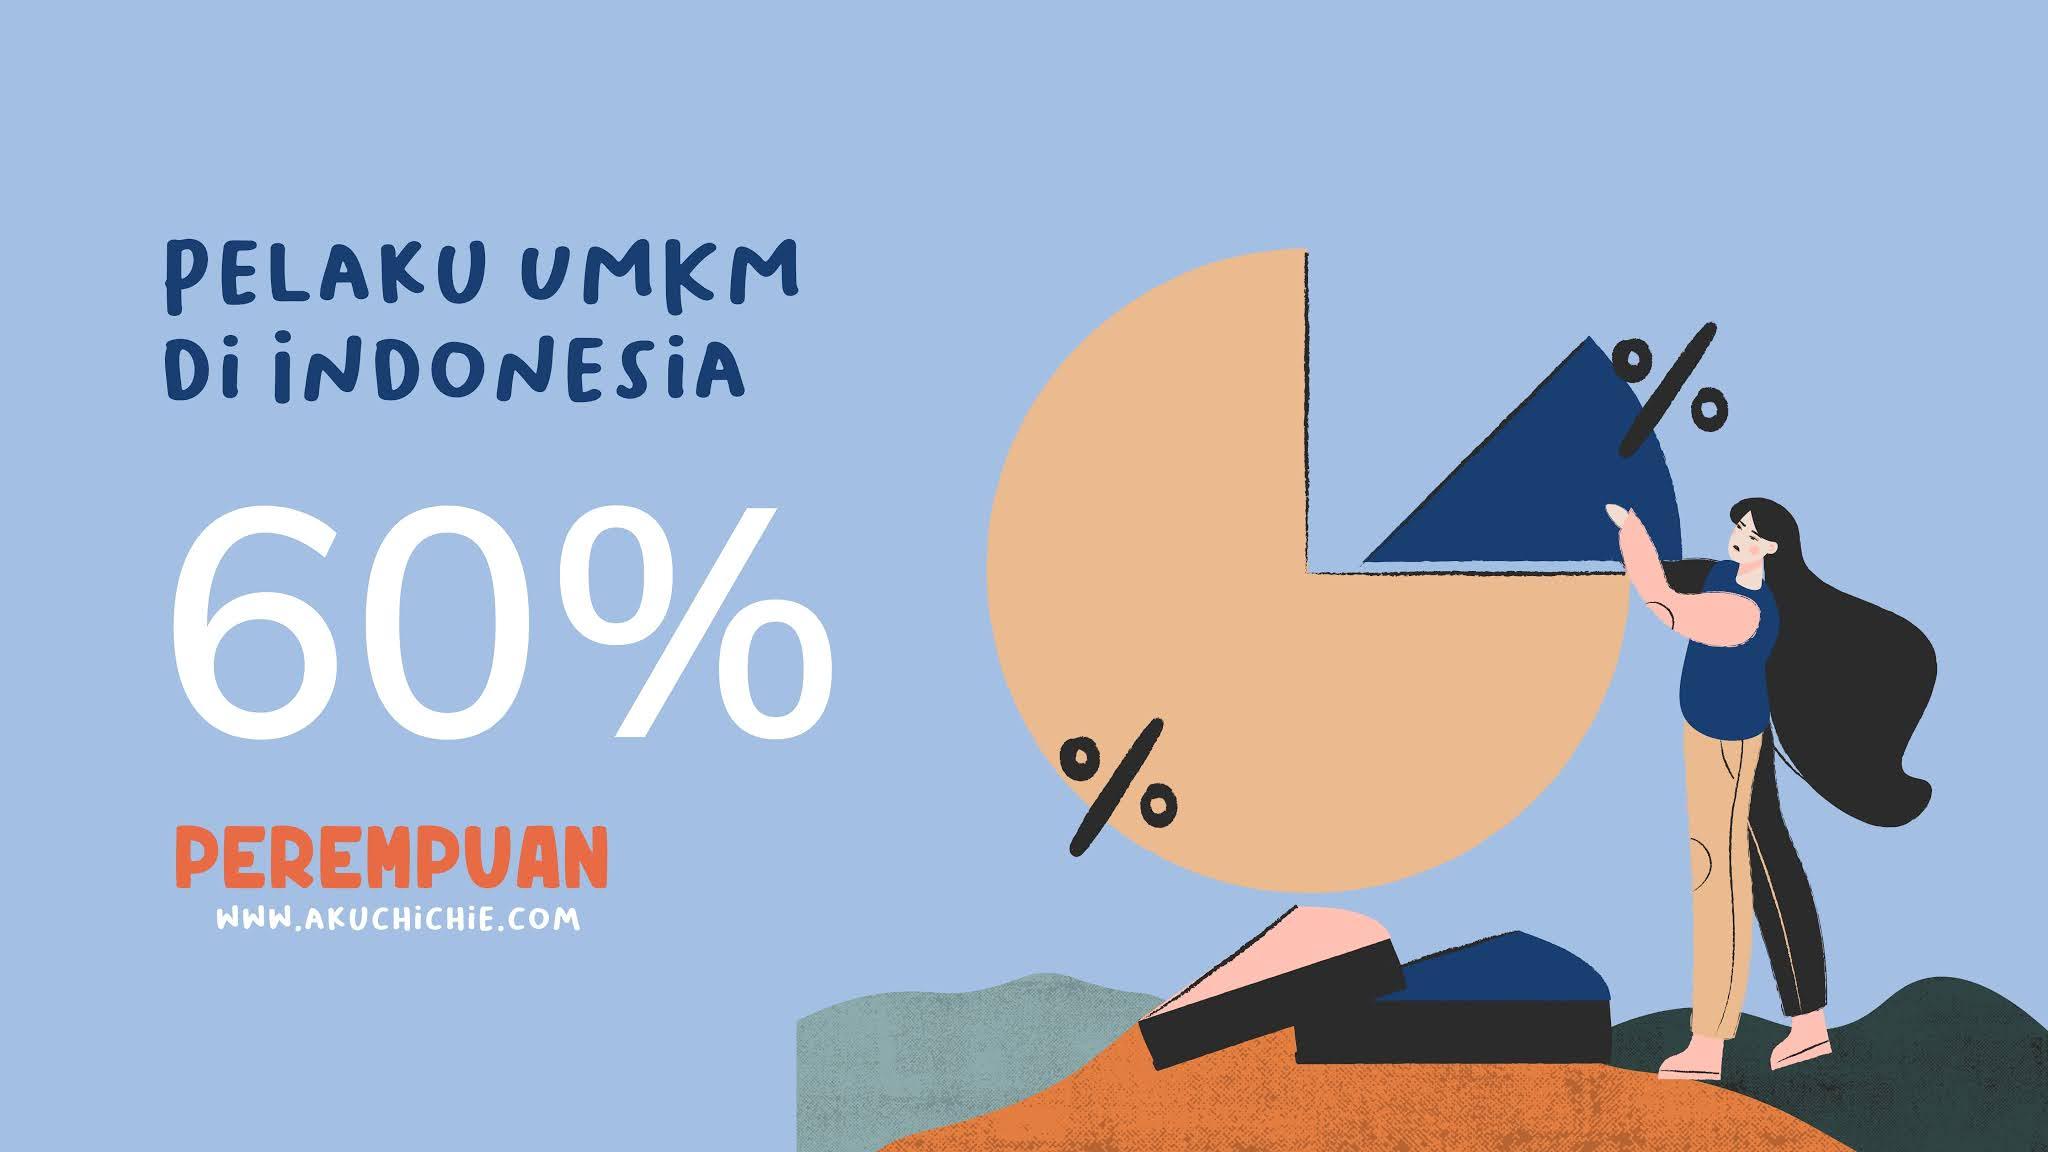 perempuan merupakan pelaku umkm terbesar di Indonesia